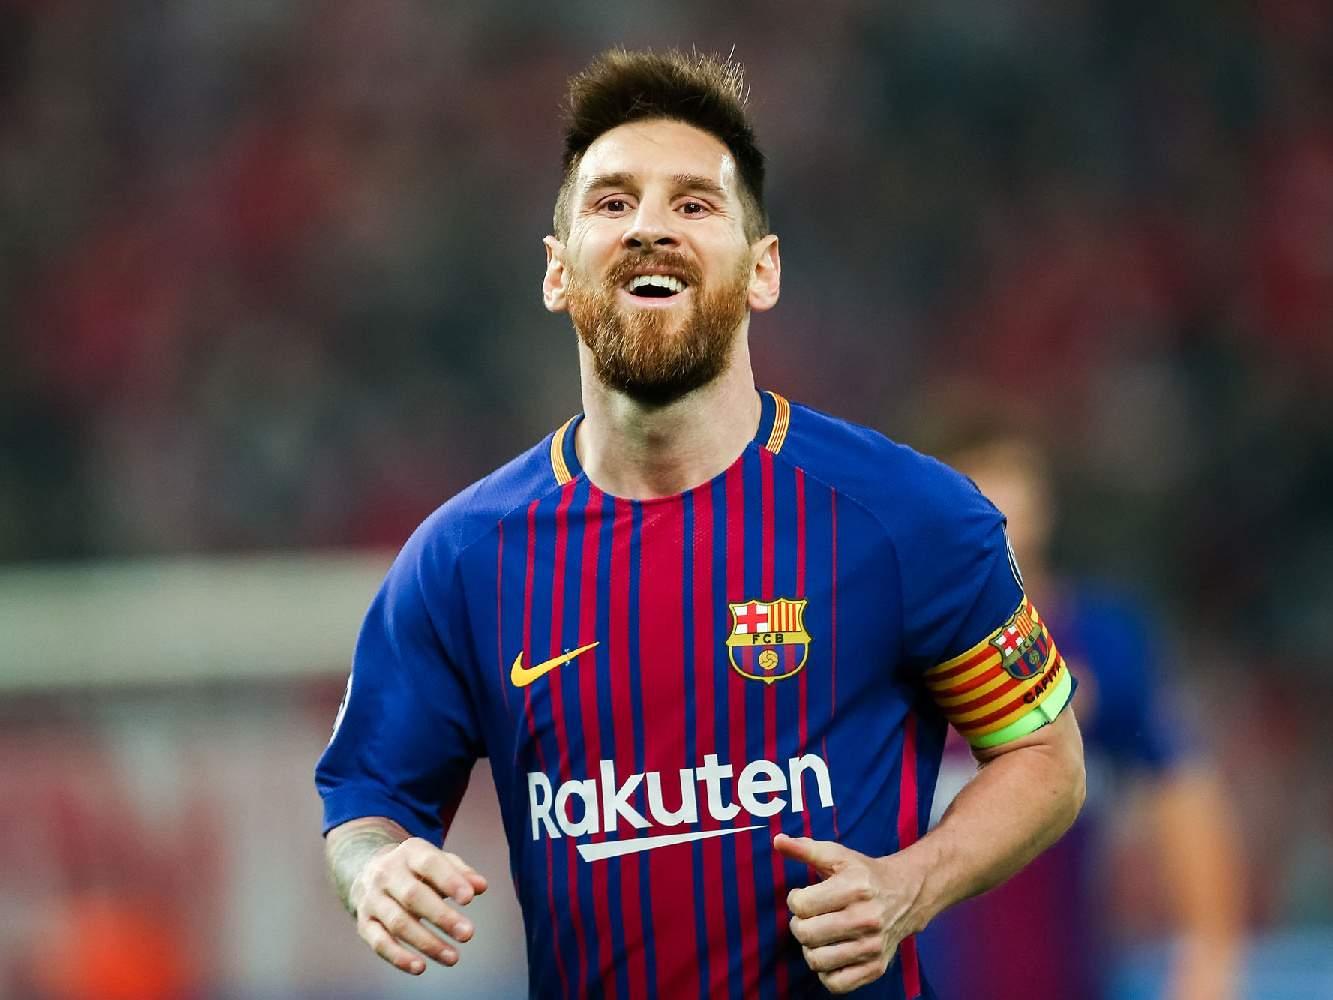 Месси – самый высокооплачиваемый футболист мира по версии Forbes